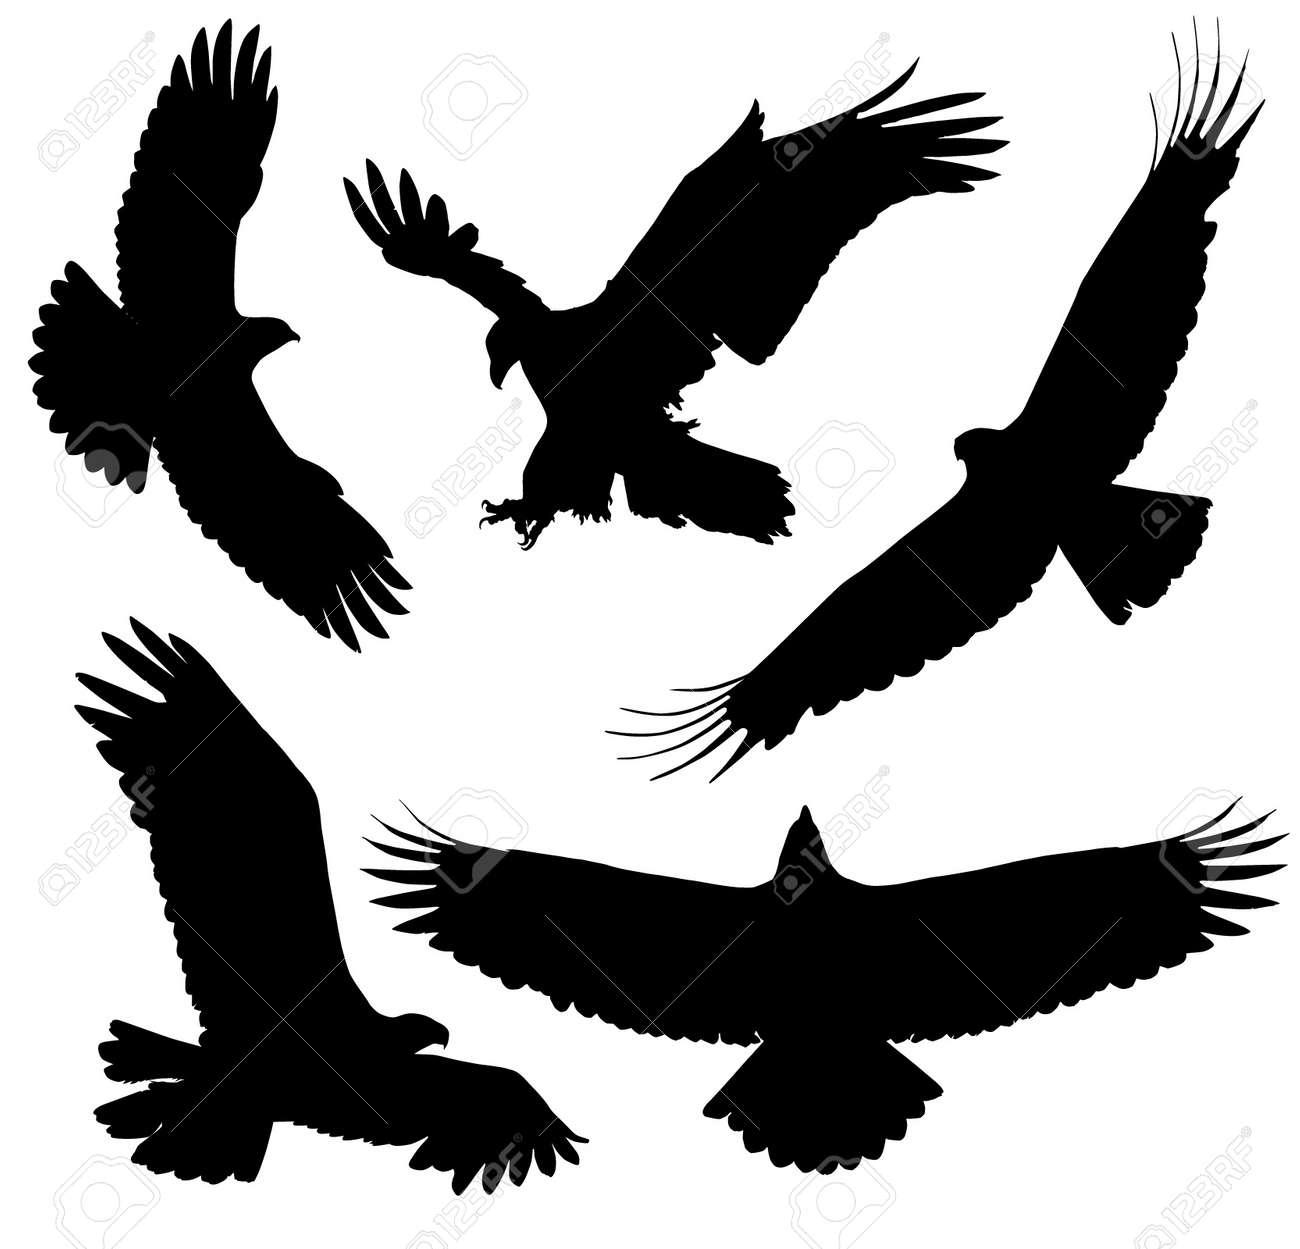 eagle wings  Eagle Silhouette  Eagle Wing Silhouette